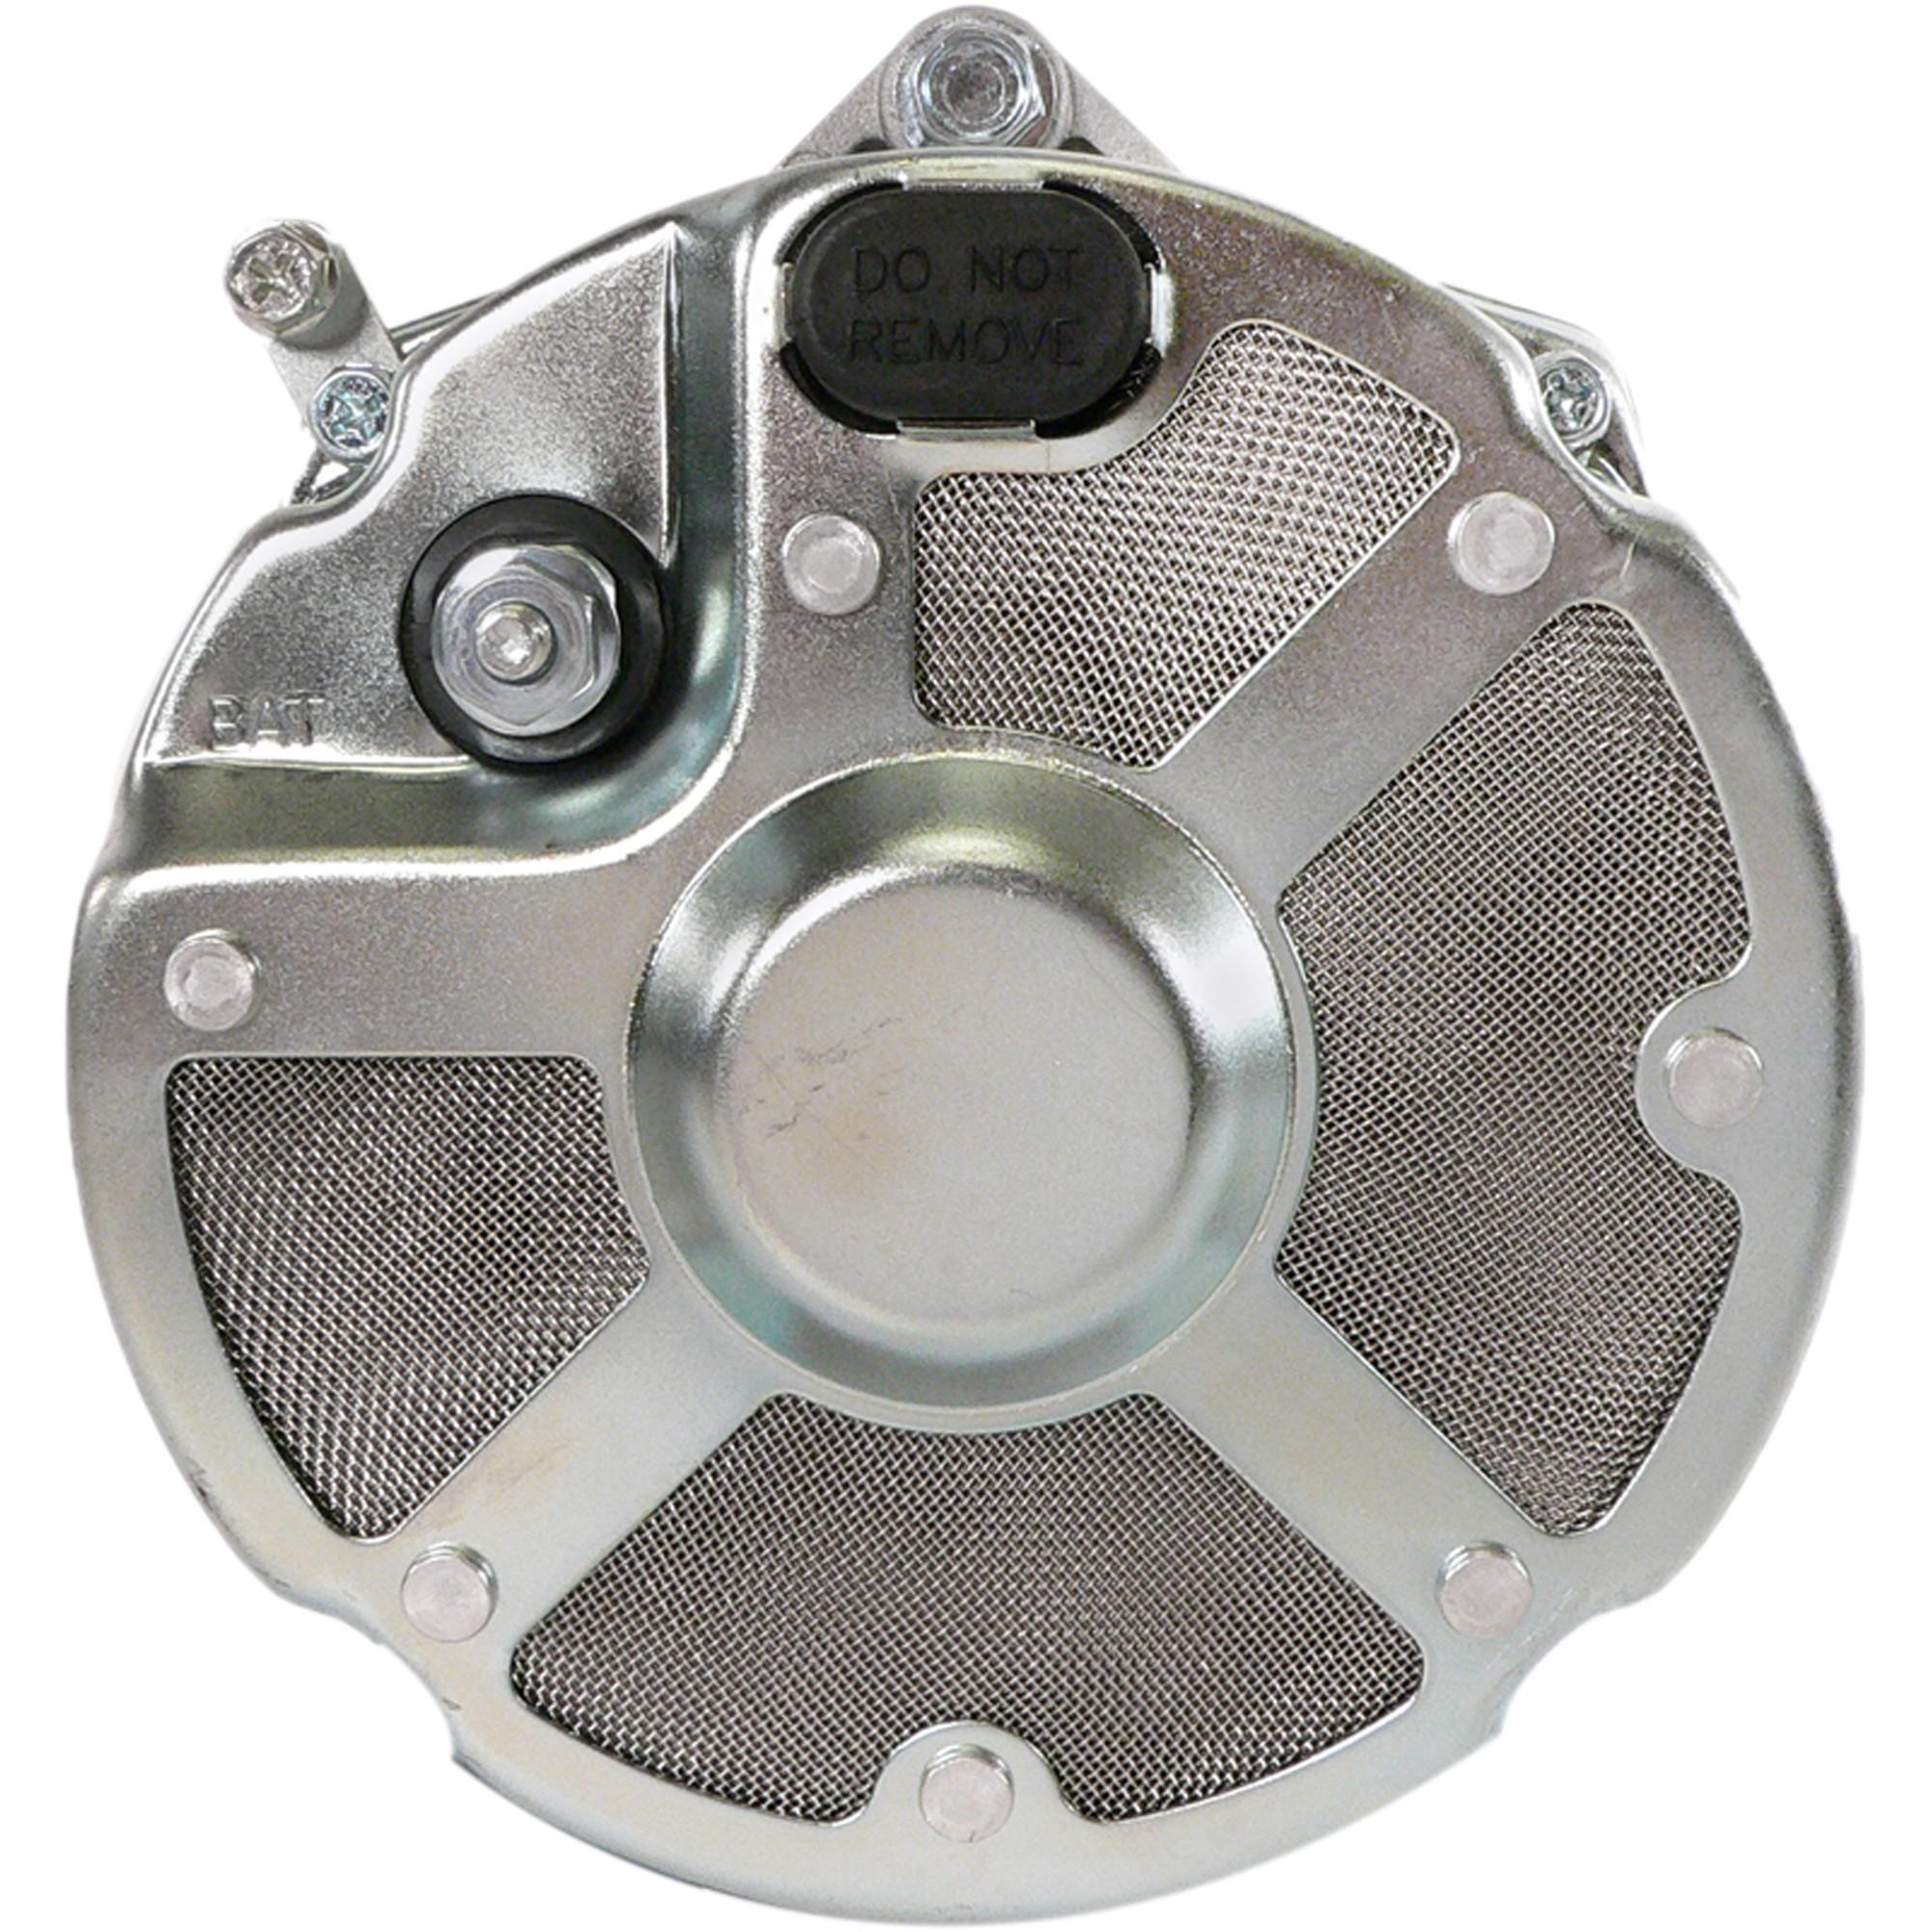 Alternator For Mercruiser Stern Drives 898 1980 Gm 5 0l